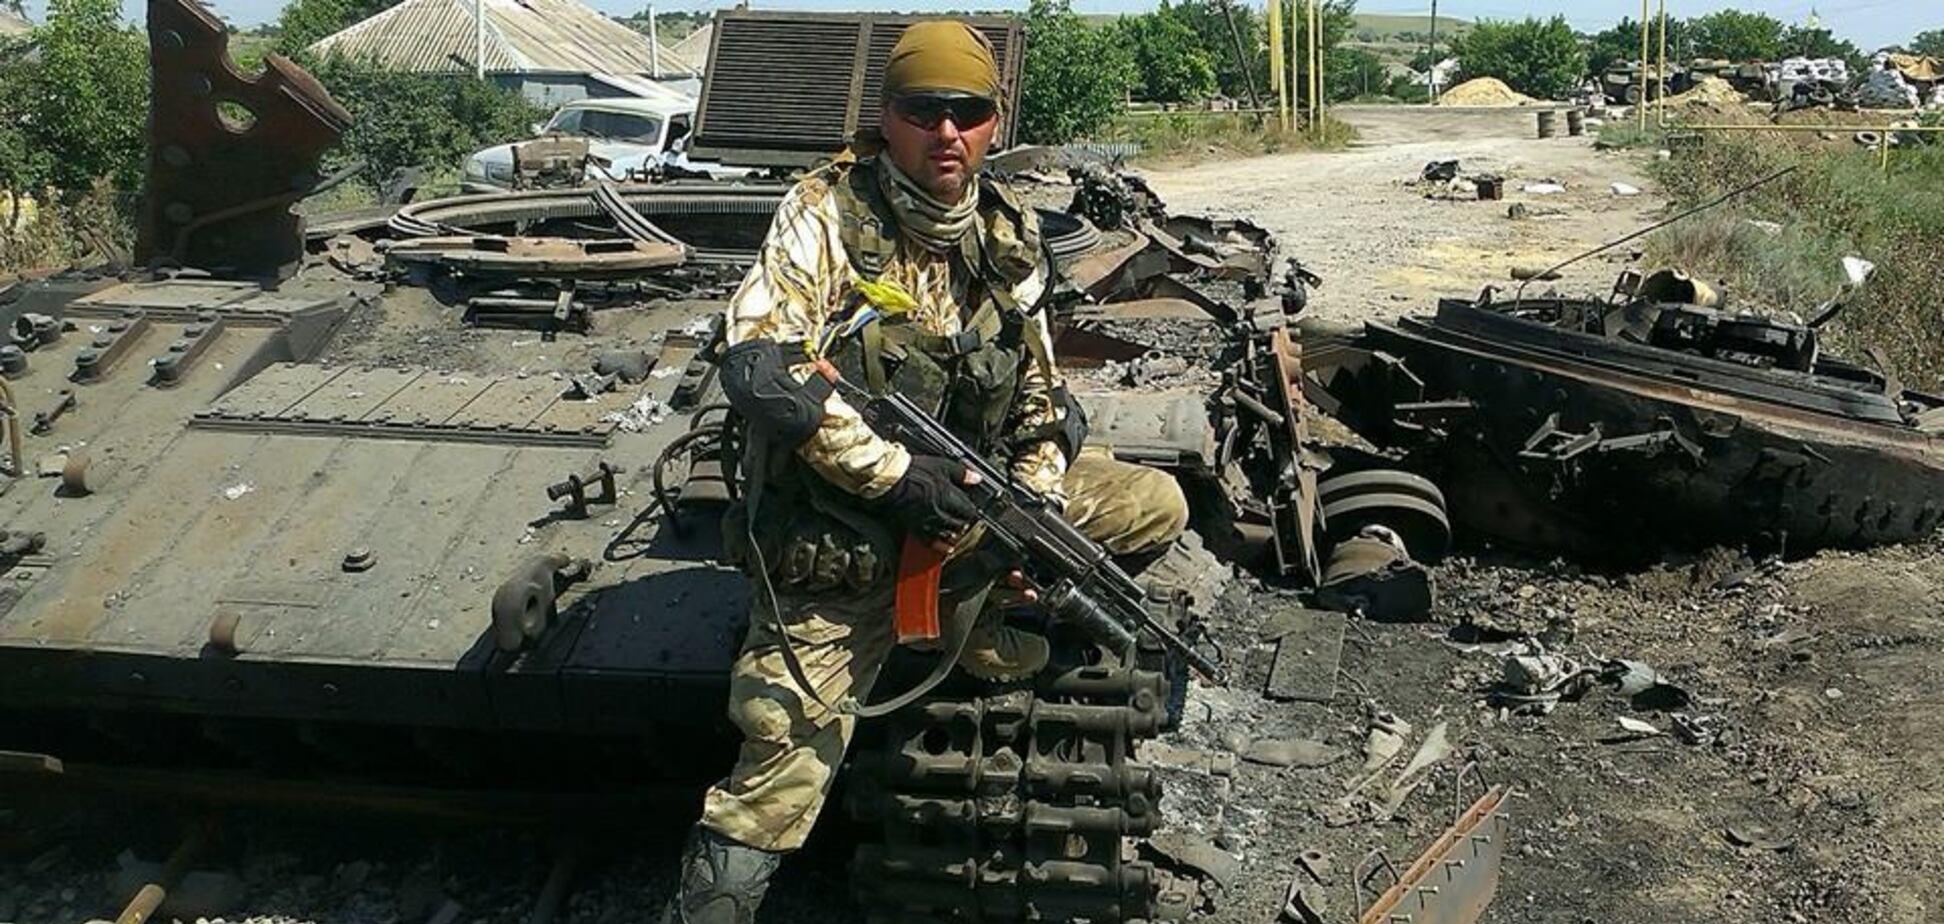 Экс-командира роты 'Айдар' вызвали в СБУ: стала известна причина